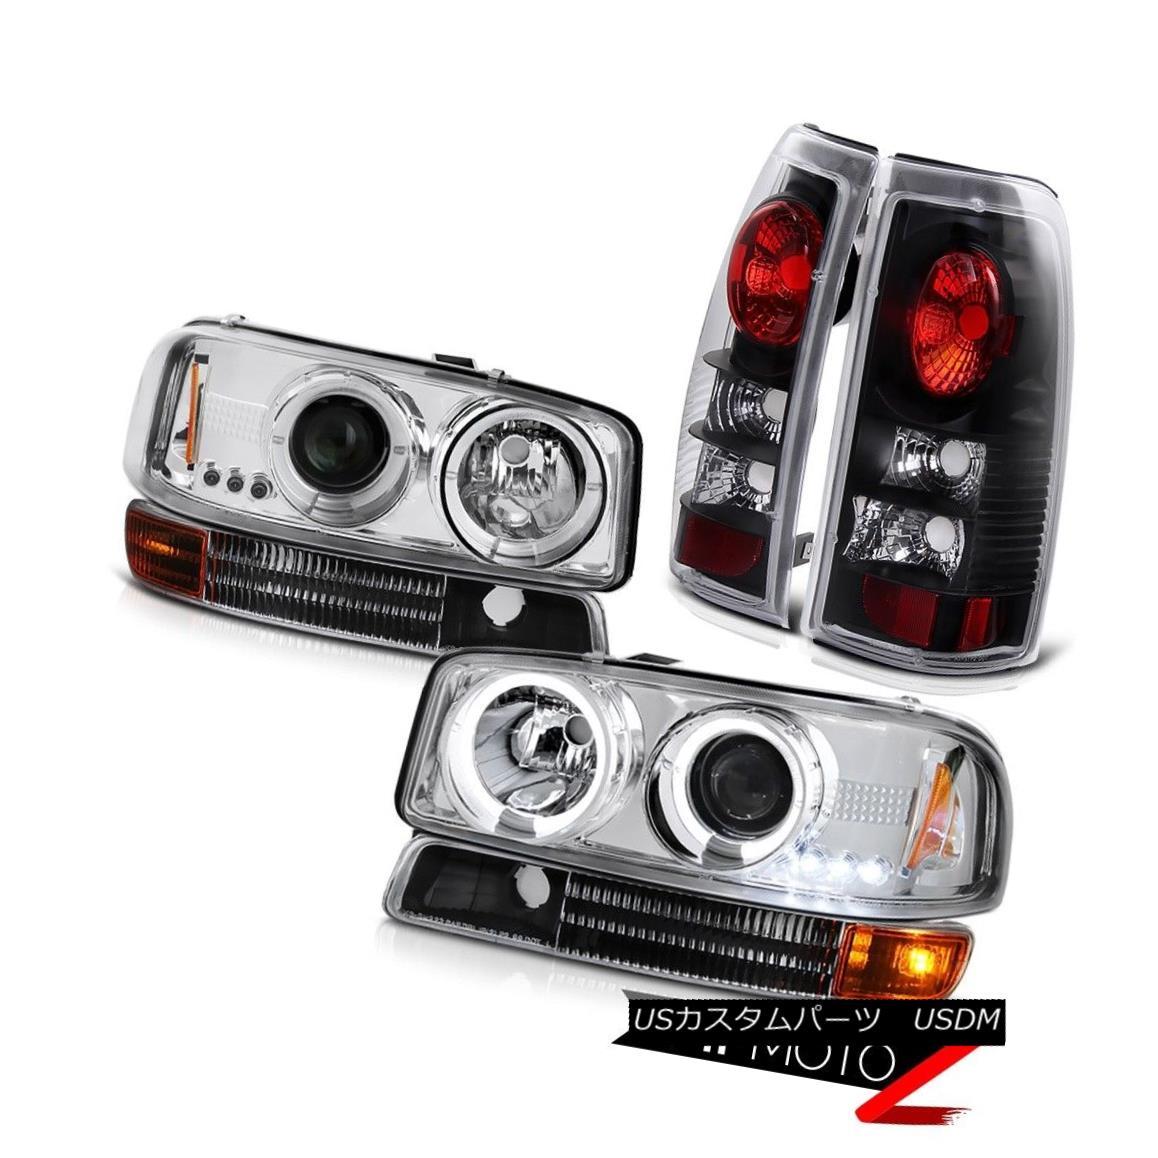 ヘッドライト 1999-2003 Sierra 4.3L V6 Chrome Halo Headlights Black Parking Rear Brake Lights 1999-2003シエラ4.3L V6クロームハローヘッドライトブラックパーキングリアブレーキライト